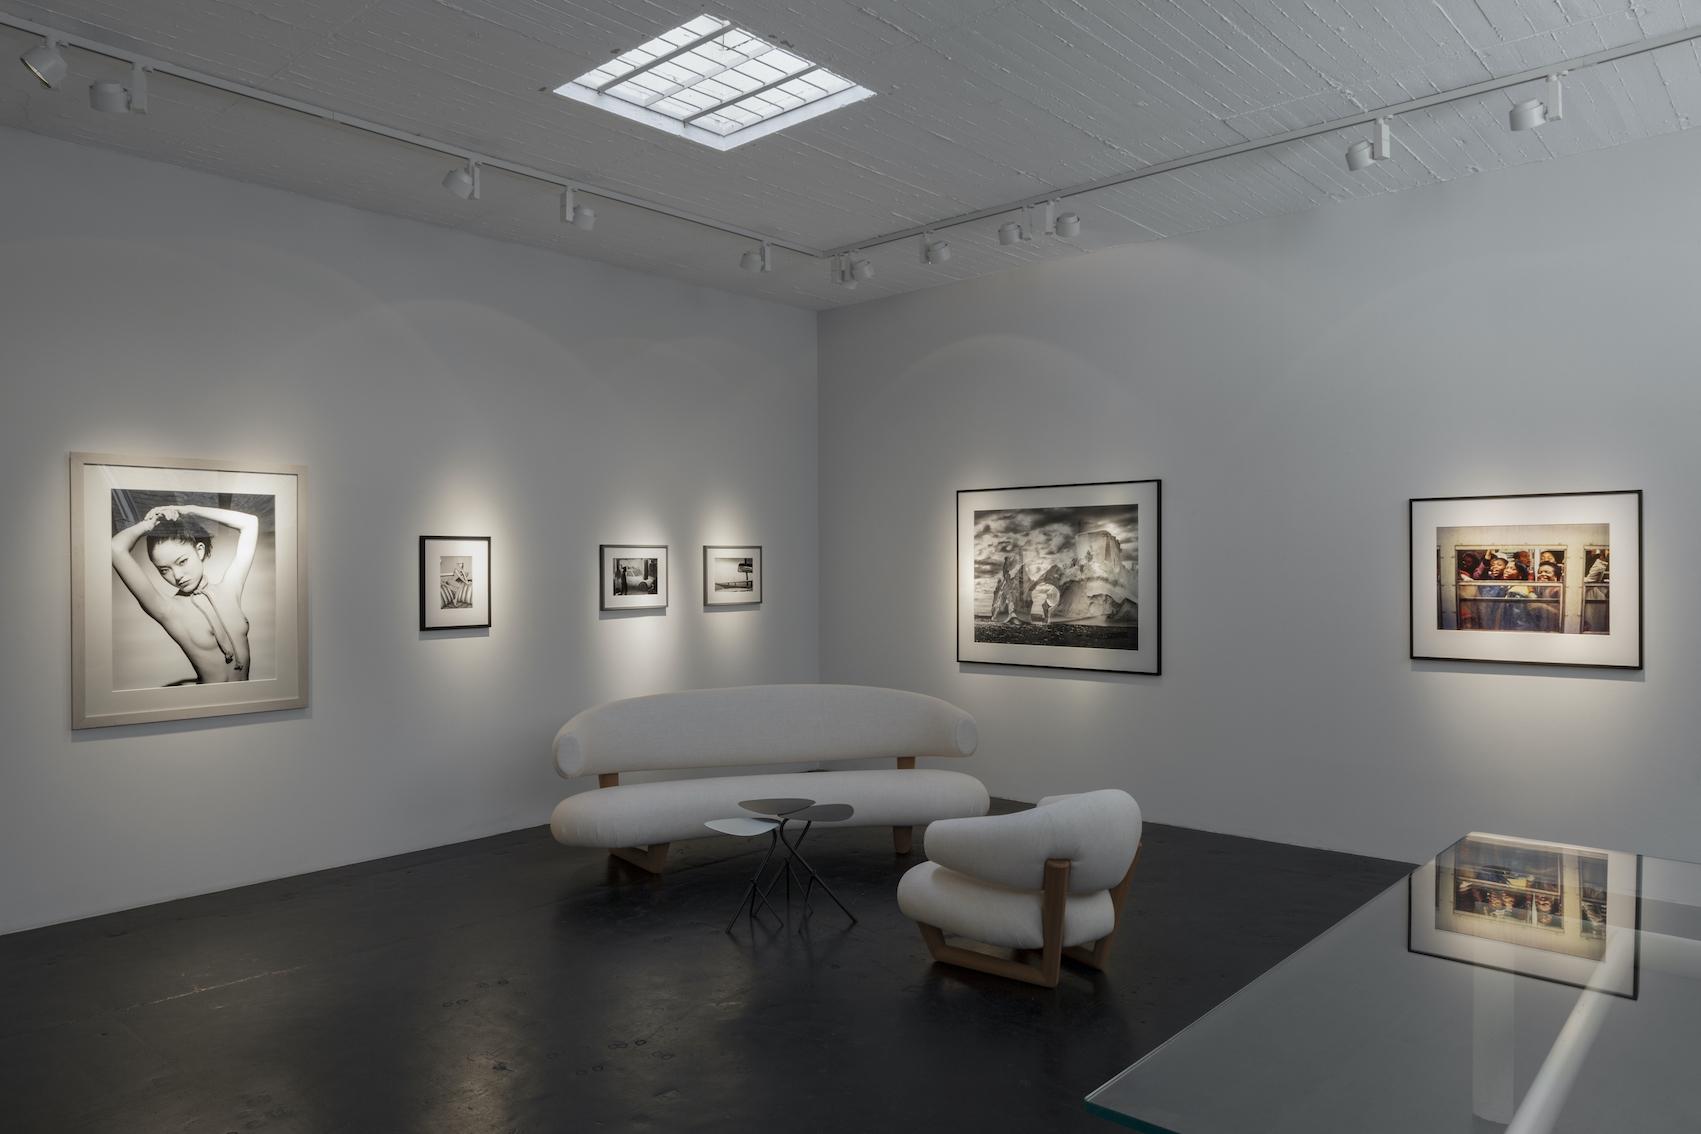 Zweite Galerie in Köln